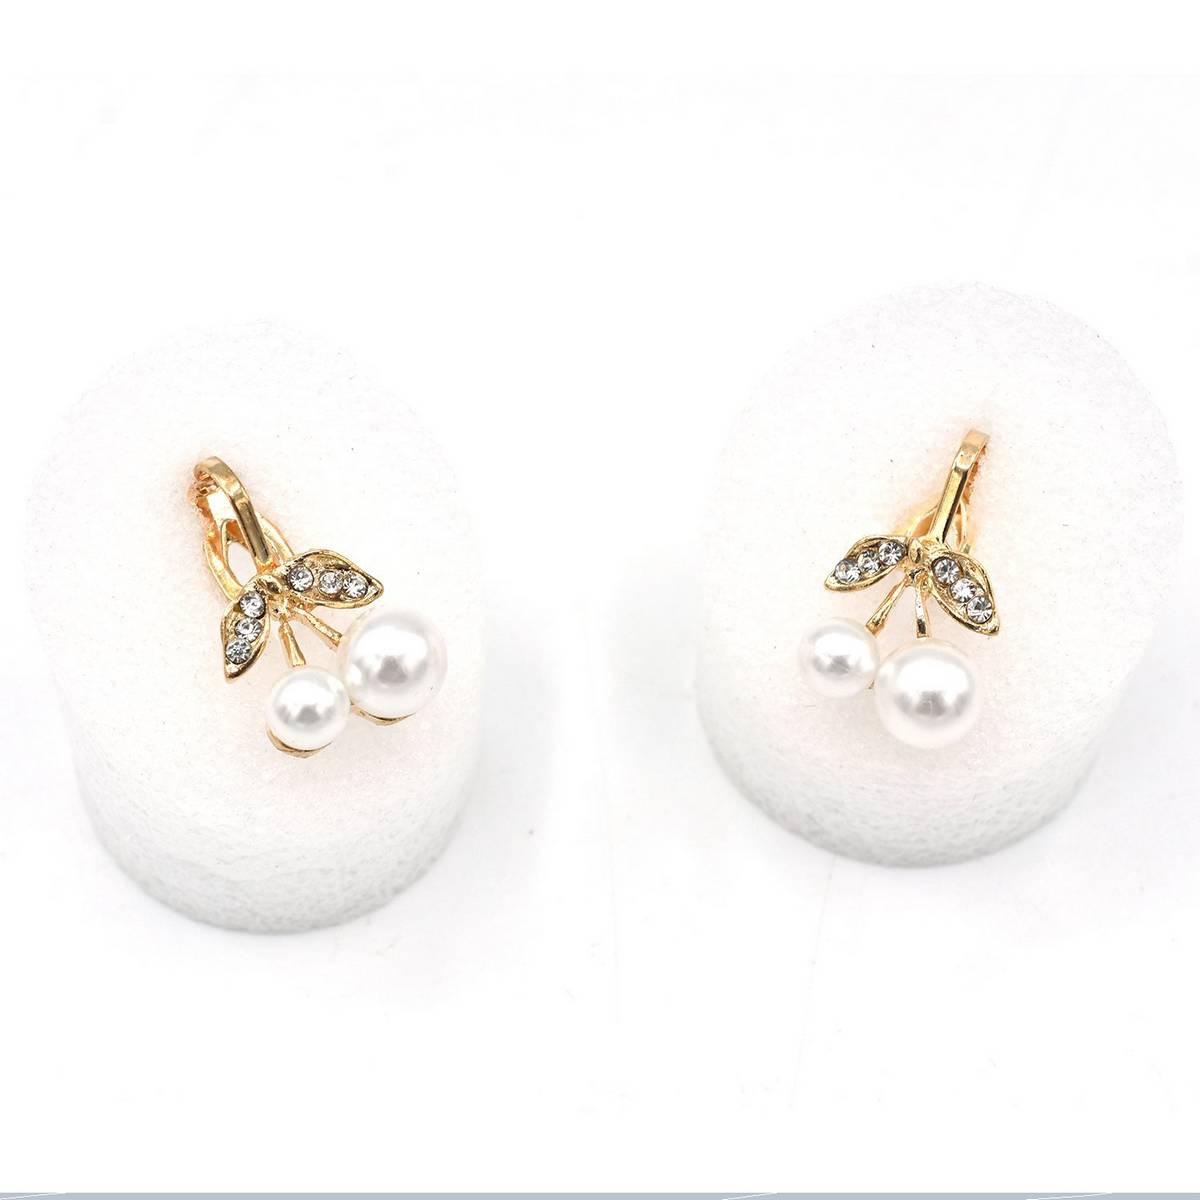 Bali Jelry Trendy Silver Women Earring 925 Jewelry Accessories Freshwater Pearl Zircon Gemstone Drop Earrings Wedding Engagement